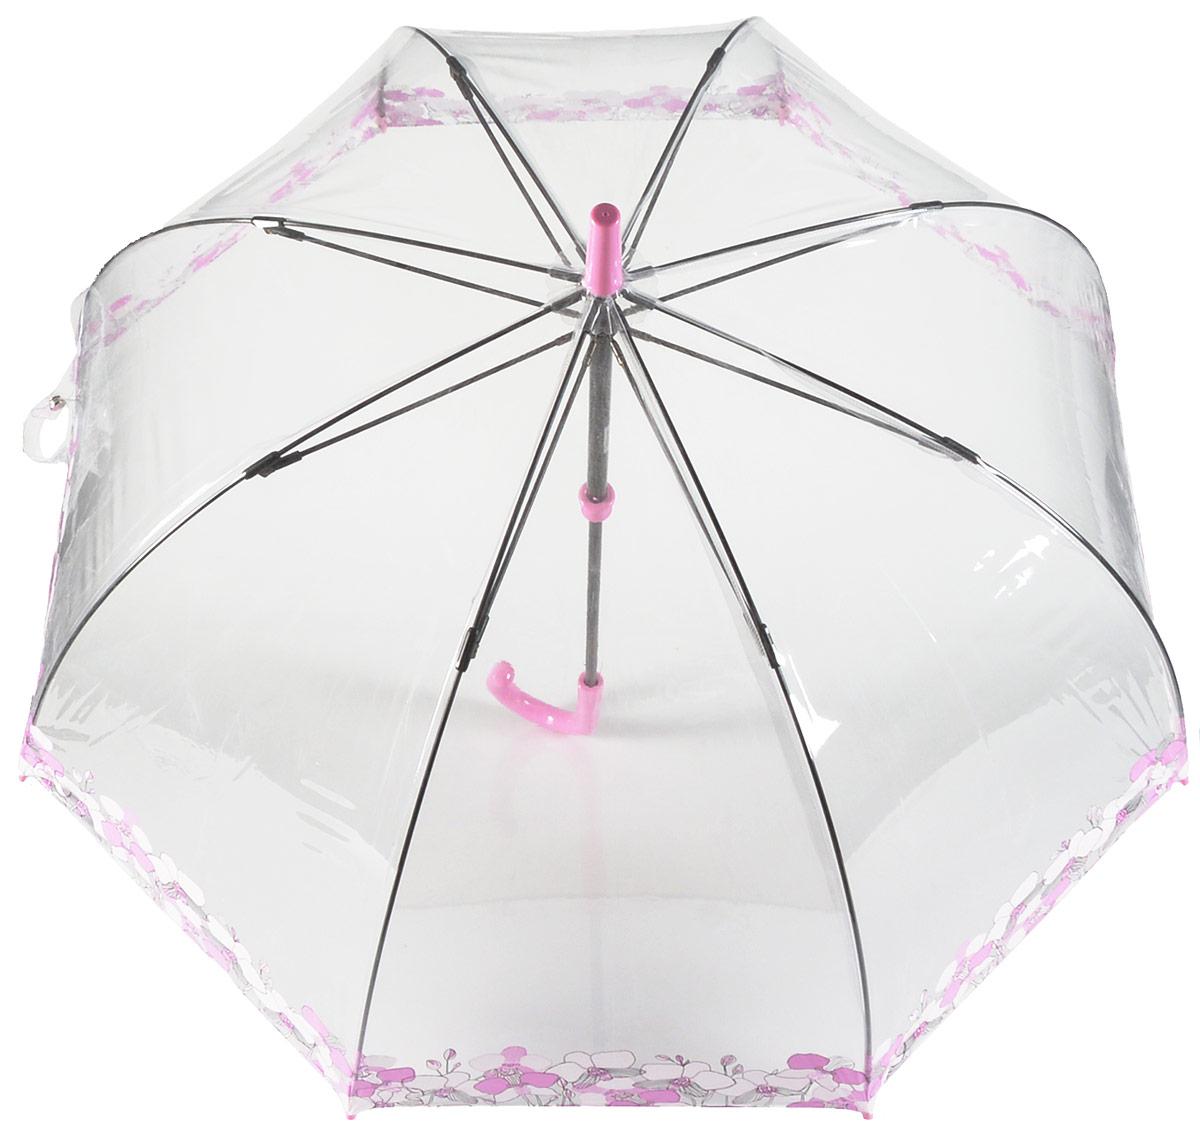 Зонт-трость женский Fulton, механический, цвет: орхидея. L042-3043K50K503414_0010Стильный зонт-трость Fulton даже в ненастную погоду позволит вам оставаться стильной и элегантной. Каркас зонта включает 8 спиц из фибергласса и состоит из стержня, изготовленного из прочной и ветроустойчивой стали. Купол зонта выполнен из качественного ПВХ.Рукоятка закругленной формы, разработанная с учетом требований эргономики, изготовлена из пластика.Зонт механического сложения: купол открывается и закрывается вручную до характерного щелчка.Такой зонт не только надежно защитит вас от дождя, но и станет стильным аксессуаром, который идеально подчеркнет ваш неповторимый образ.